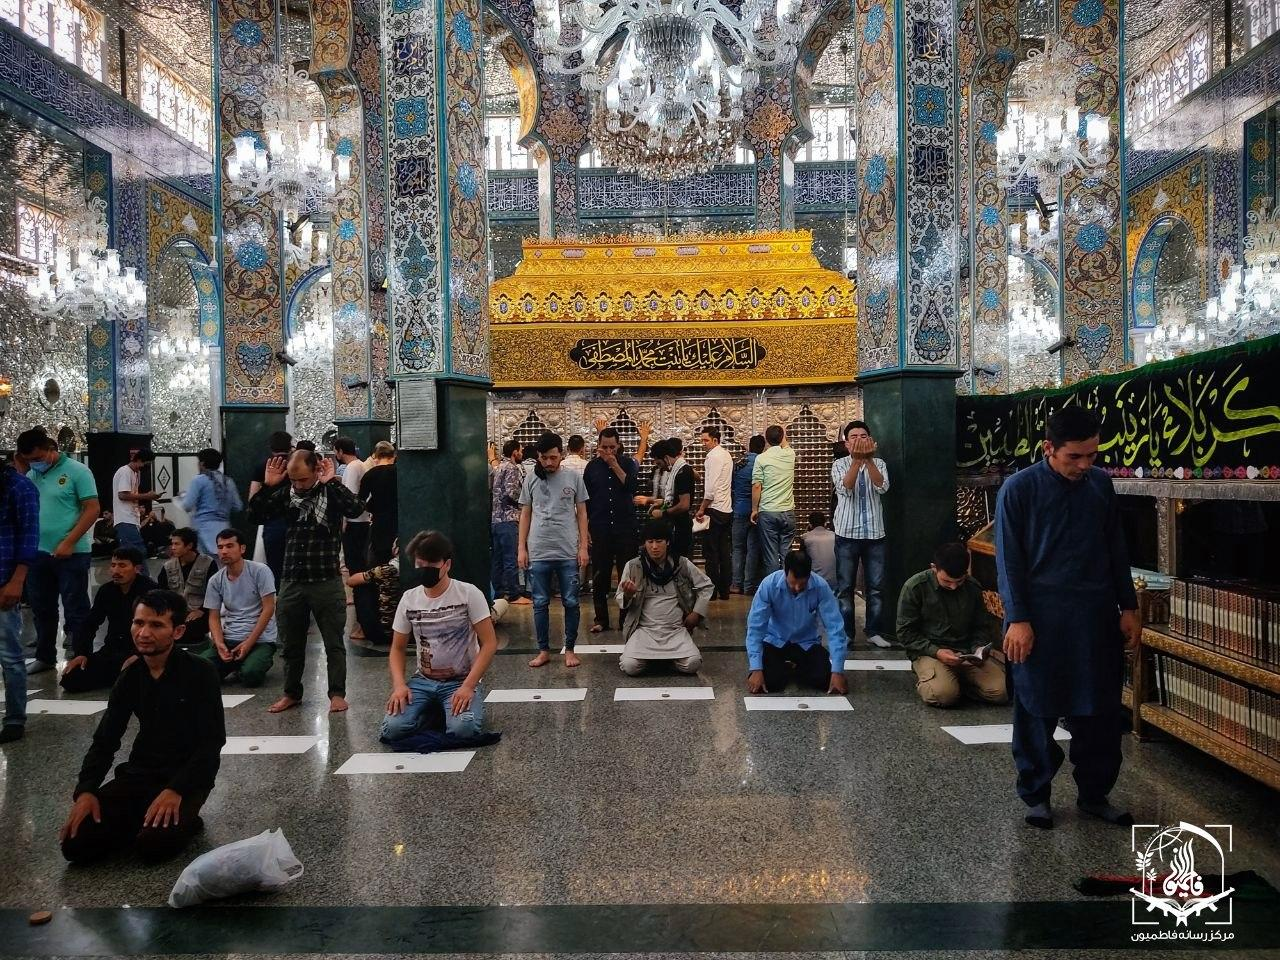 حال و هوای رزمندگان فاطمیون در نخستین ساعات بازگشایی حرم حضرت زینب (س)+ تصاویر